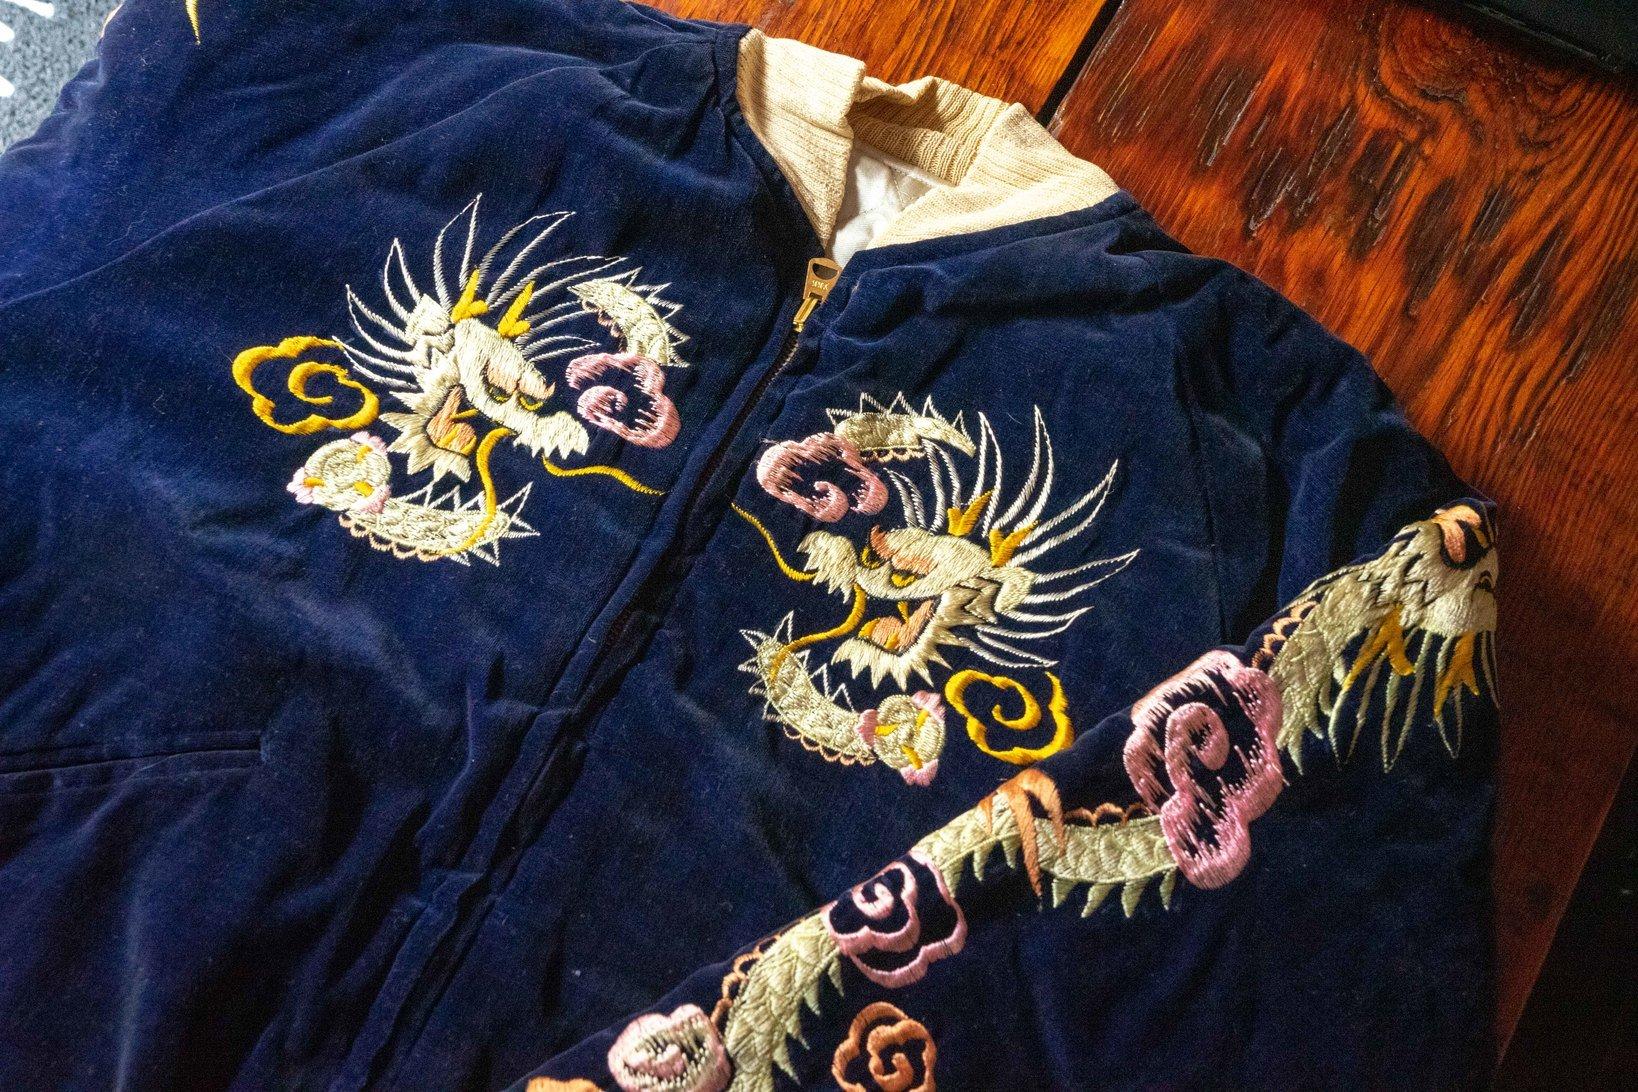 通常、スカジャンは大きくわけるとサテン×サテン、サテン×キルティング、サテン×別珍の3つ存在する。画像はサテン×別珍のもの。